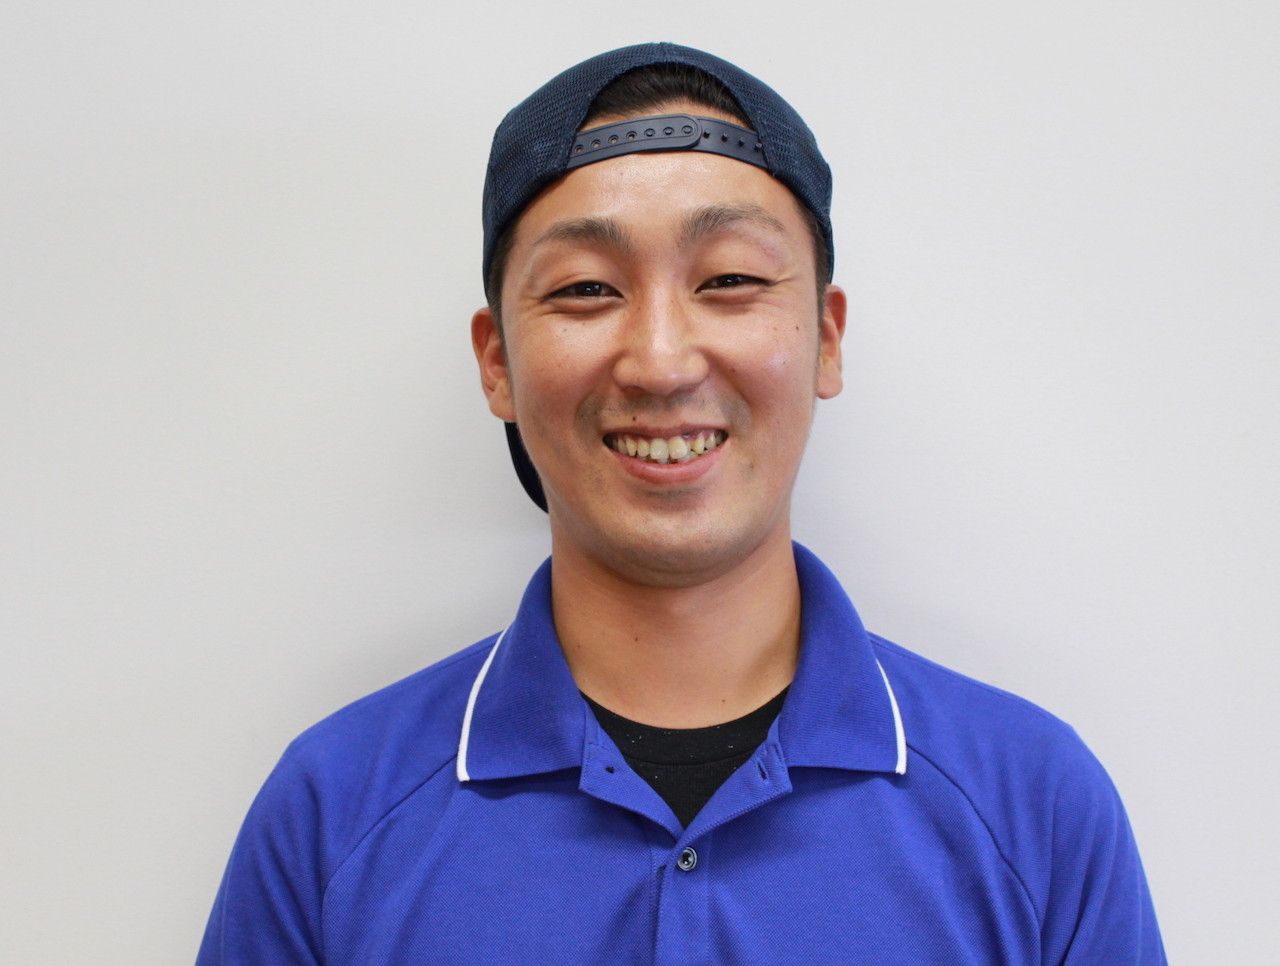 袖ヶ浦店 のアルバイト情報